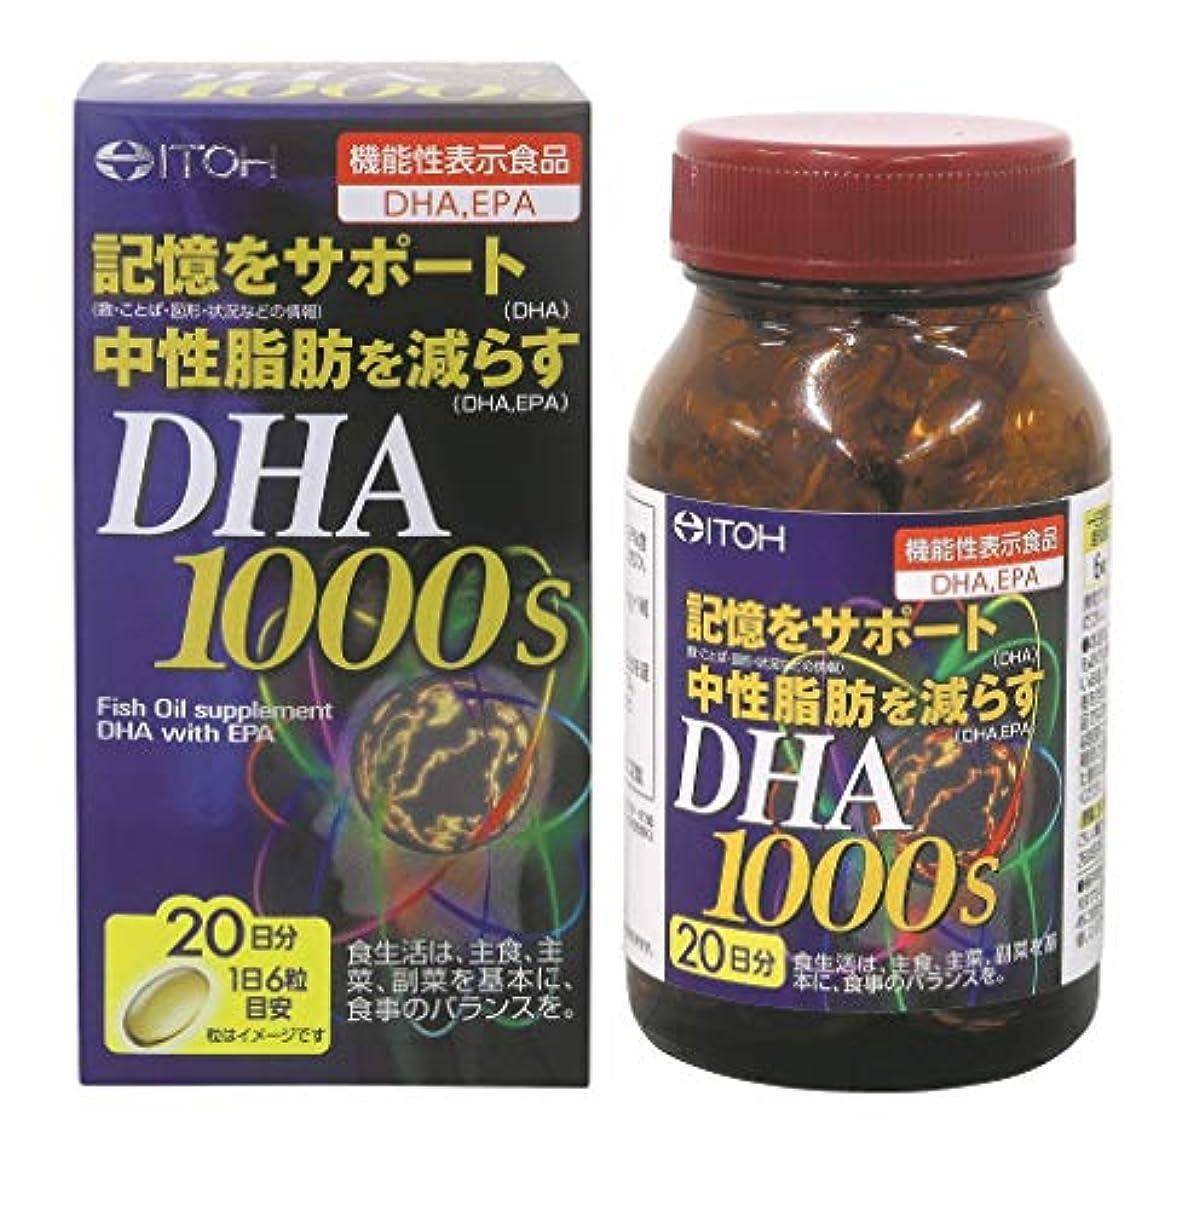 促す同性愛者ソフトウェア井藤漢方製薬 DHA1000 (ディーエイチエー) 約20日分 120粒